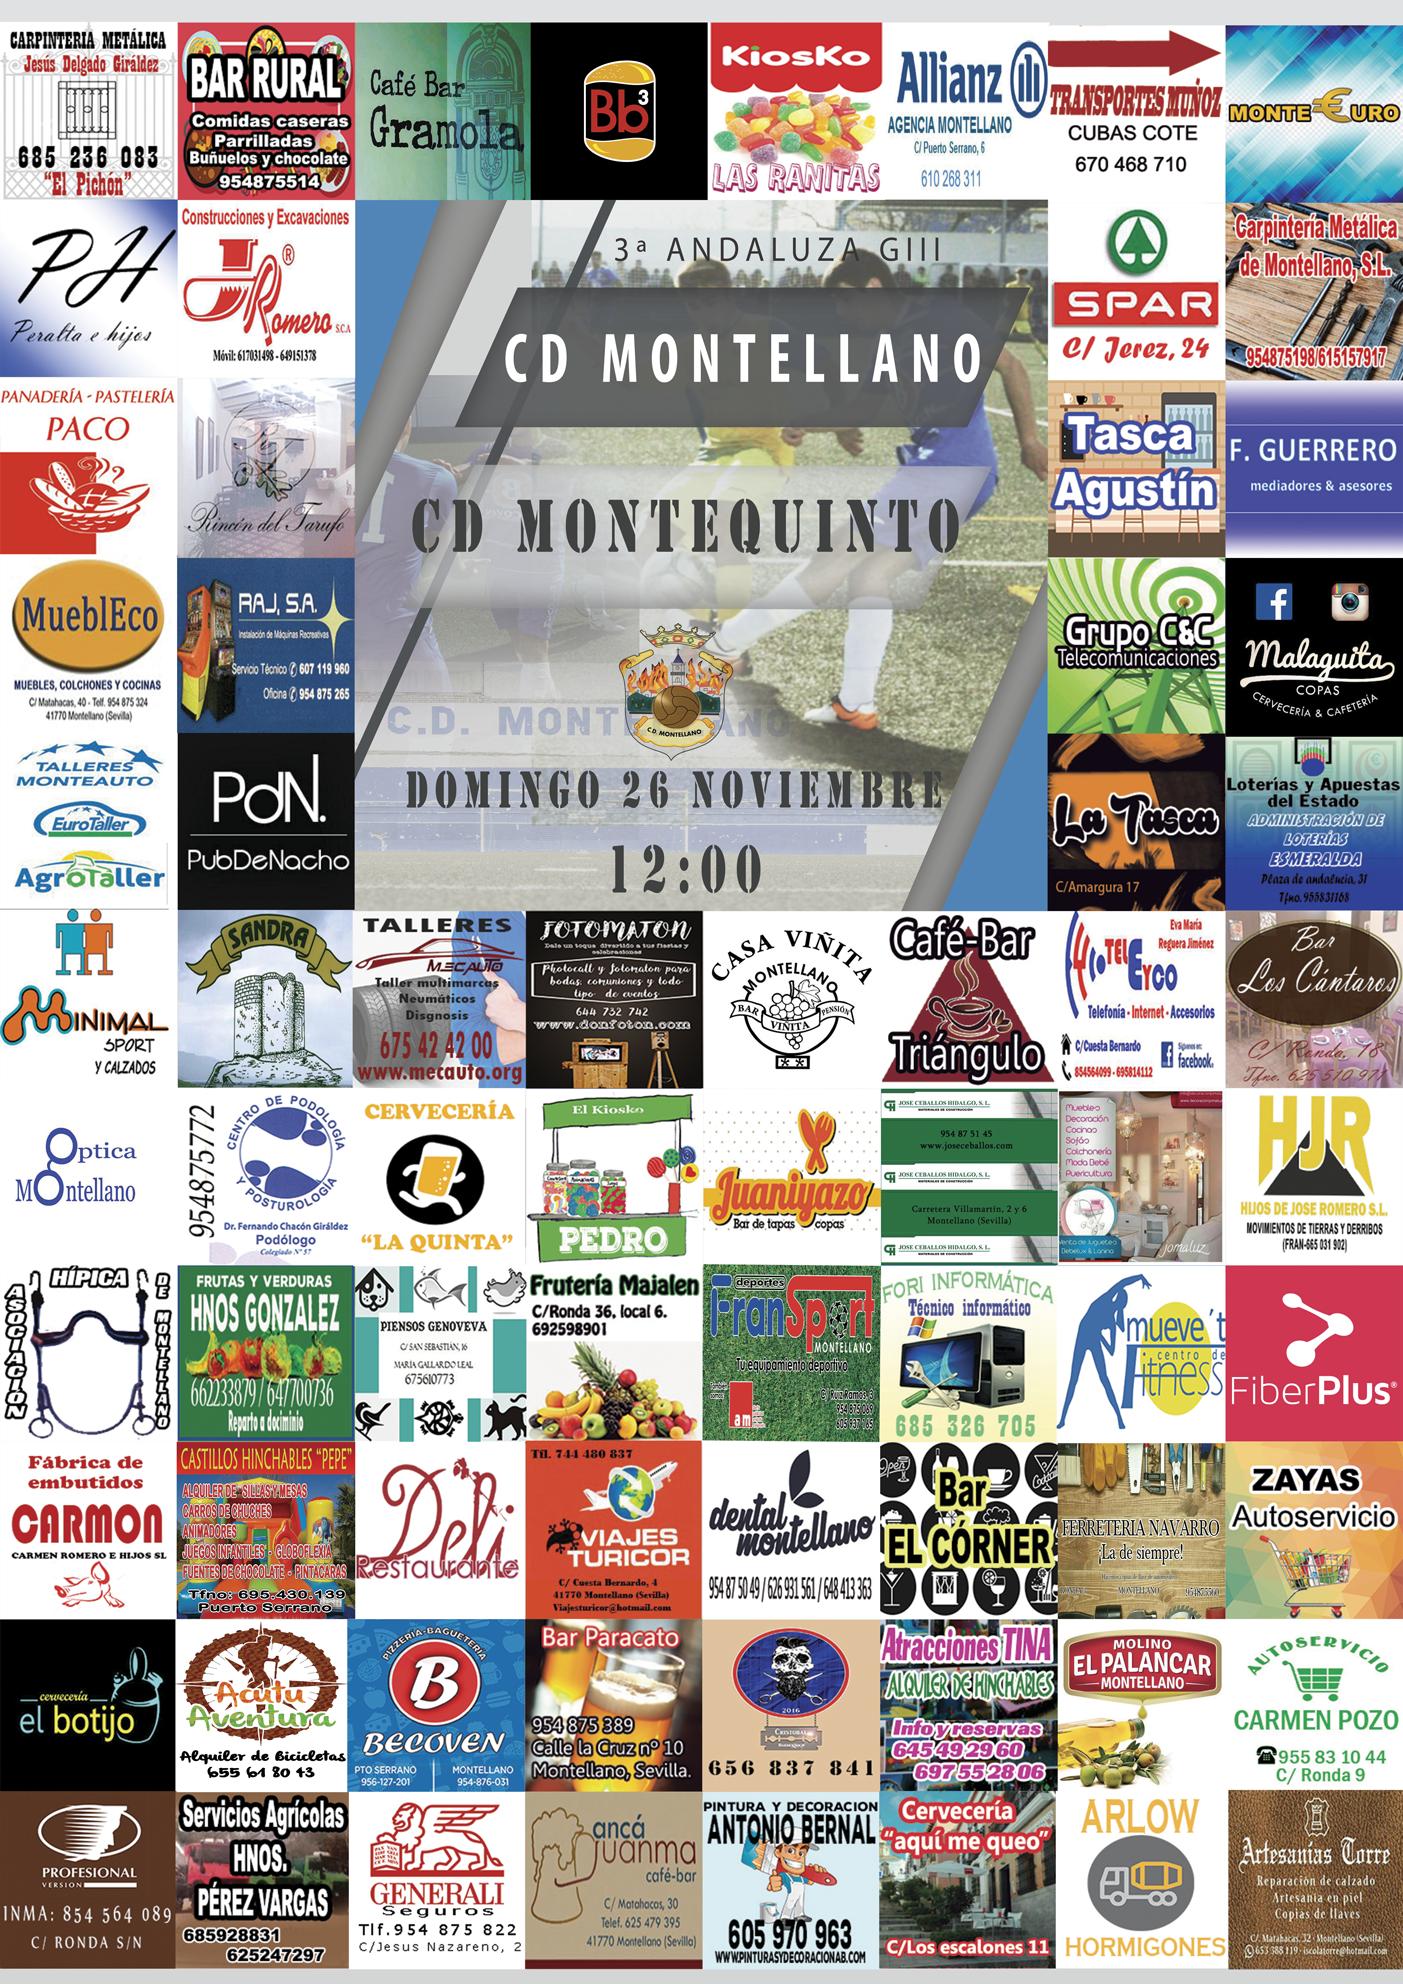 montellano-vs-montequinto